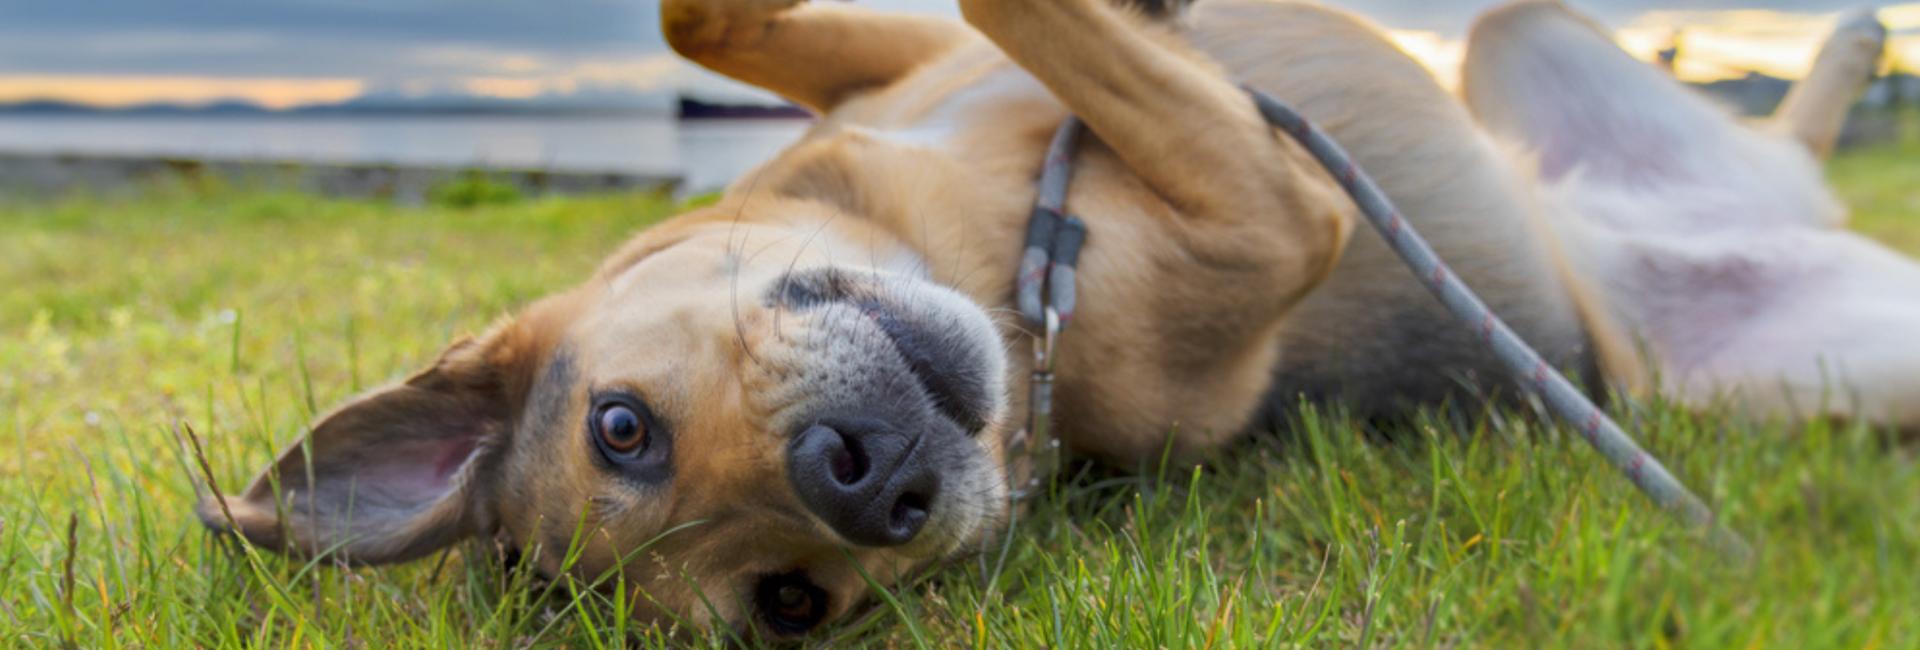 onlline hondentraining trekken aan de lijn